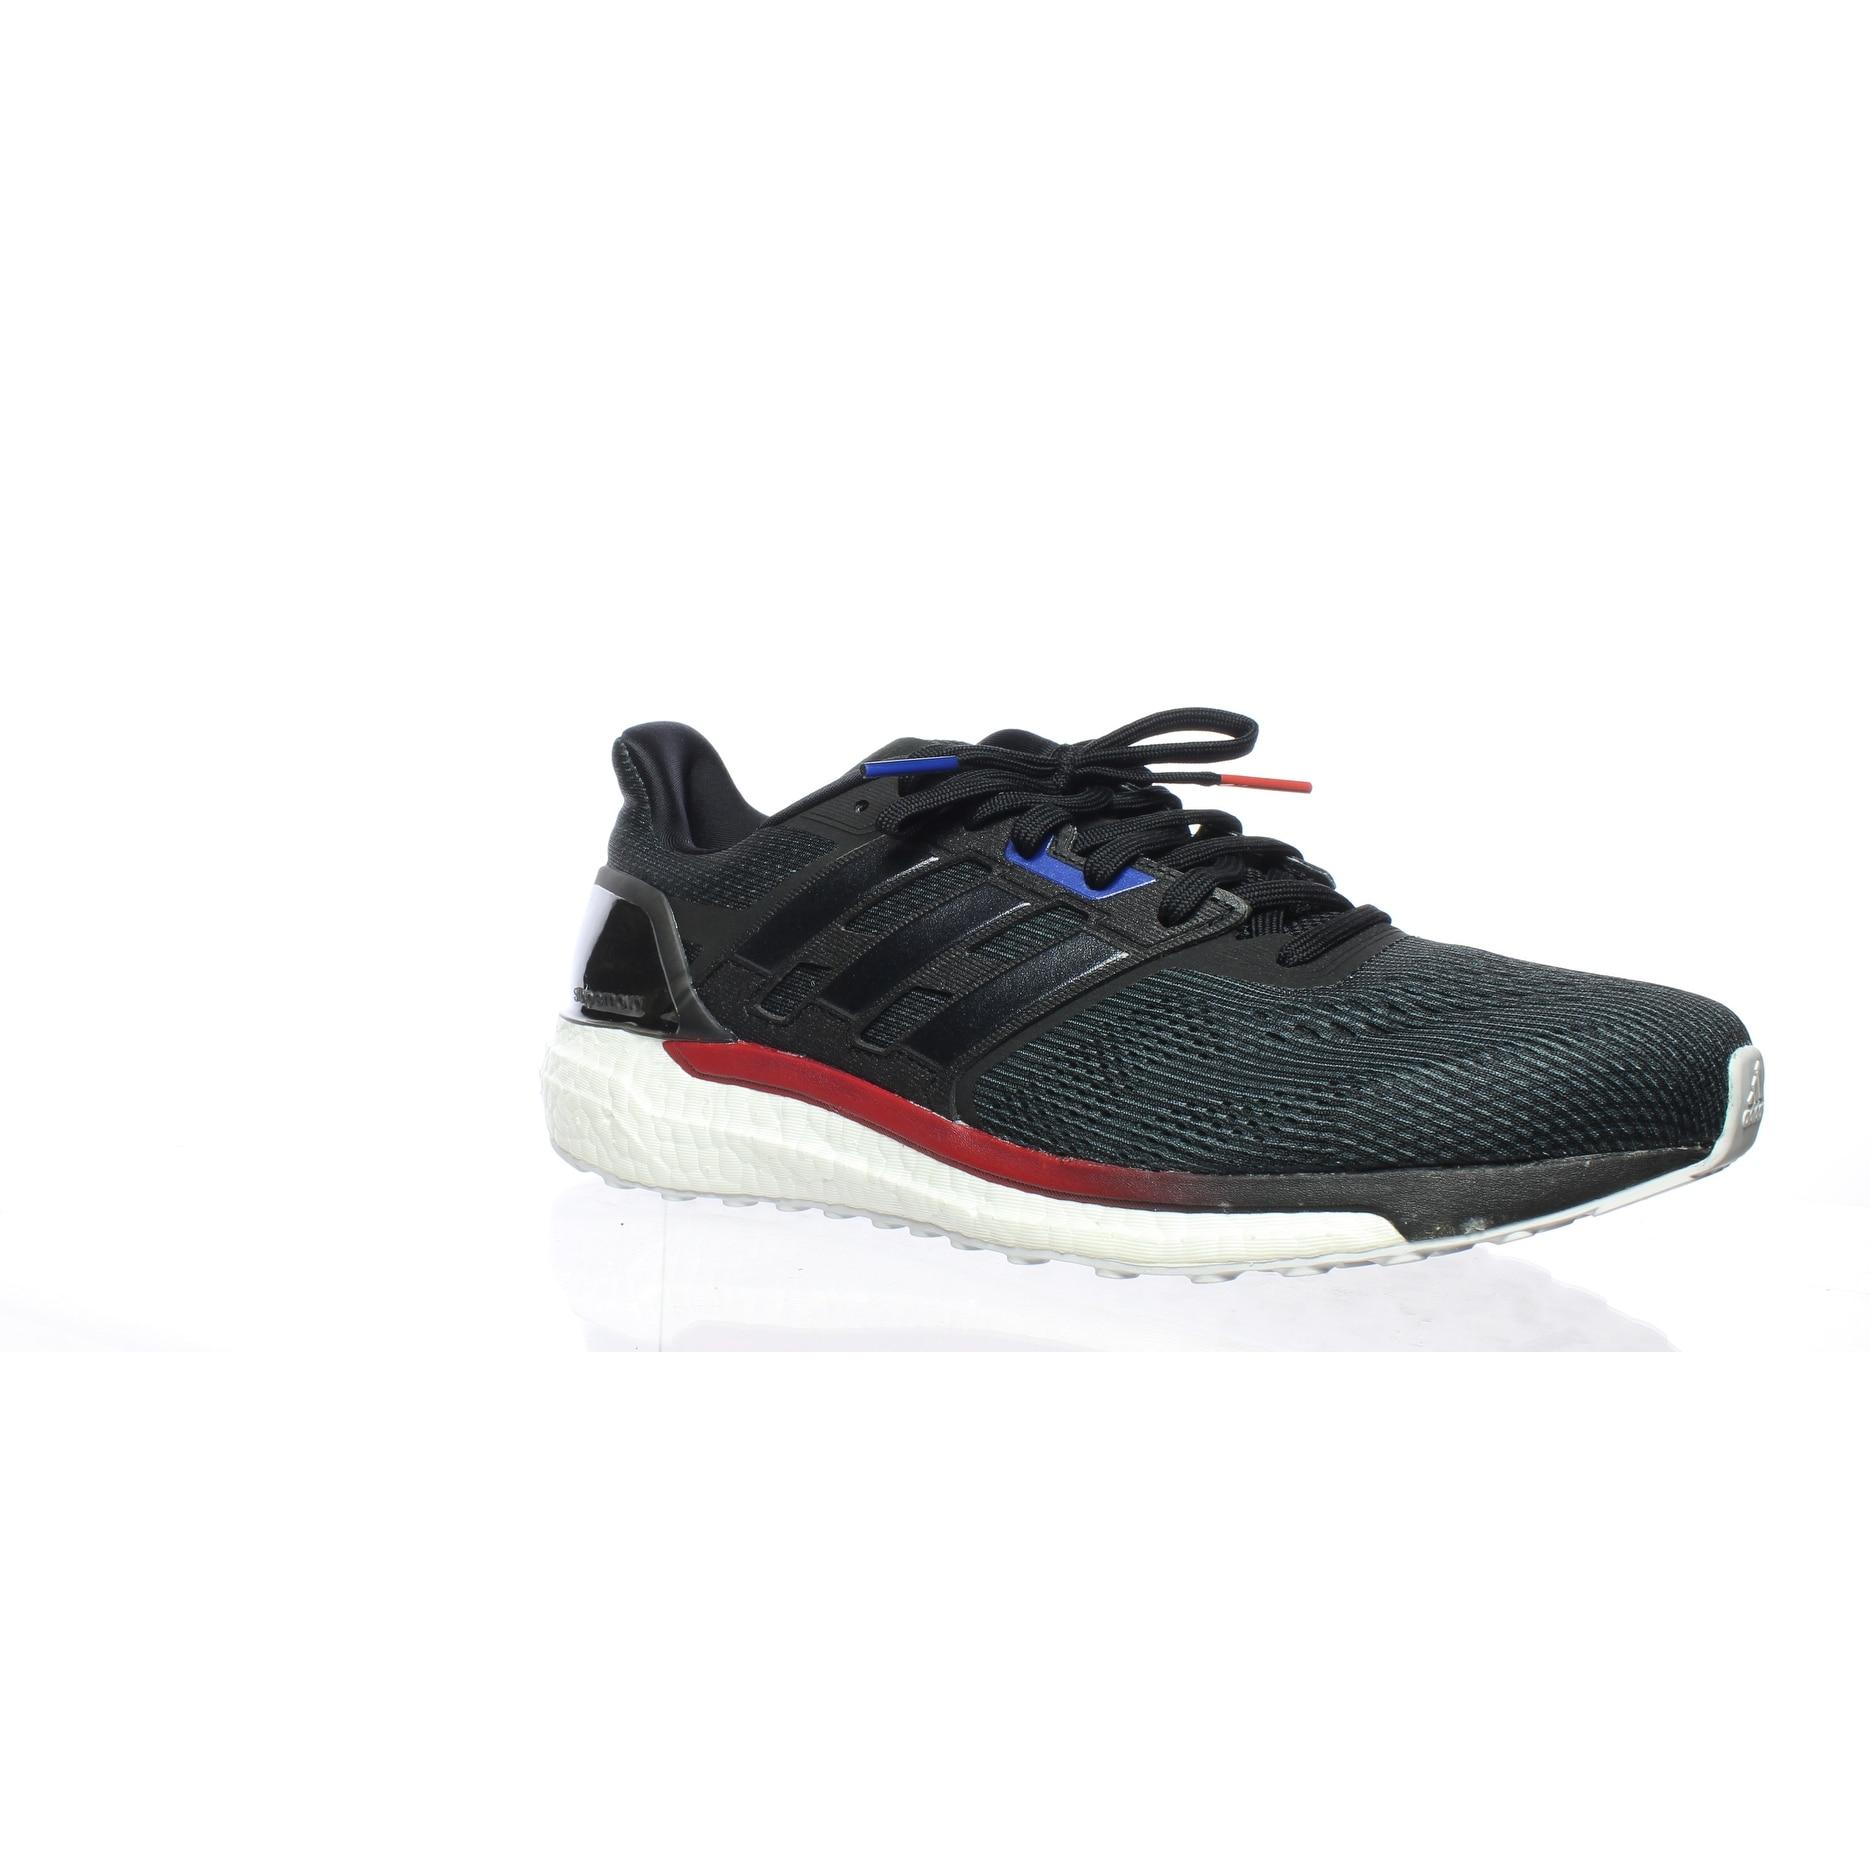 Shop Adidas Mens Supernova Aktiv Black